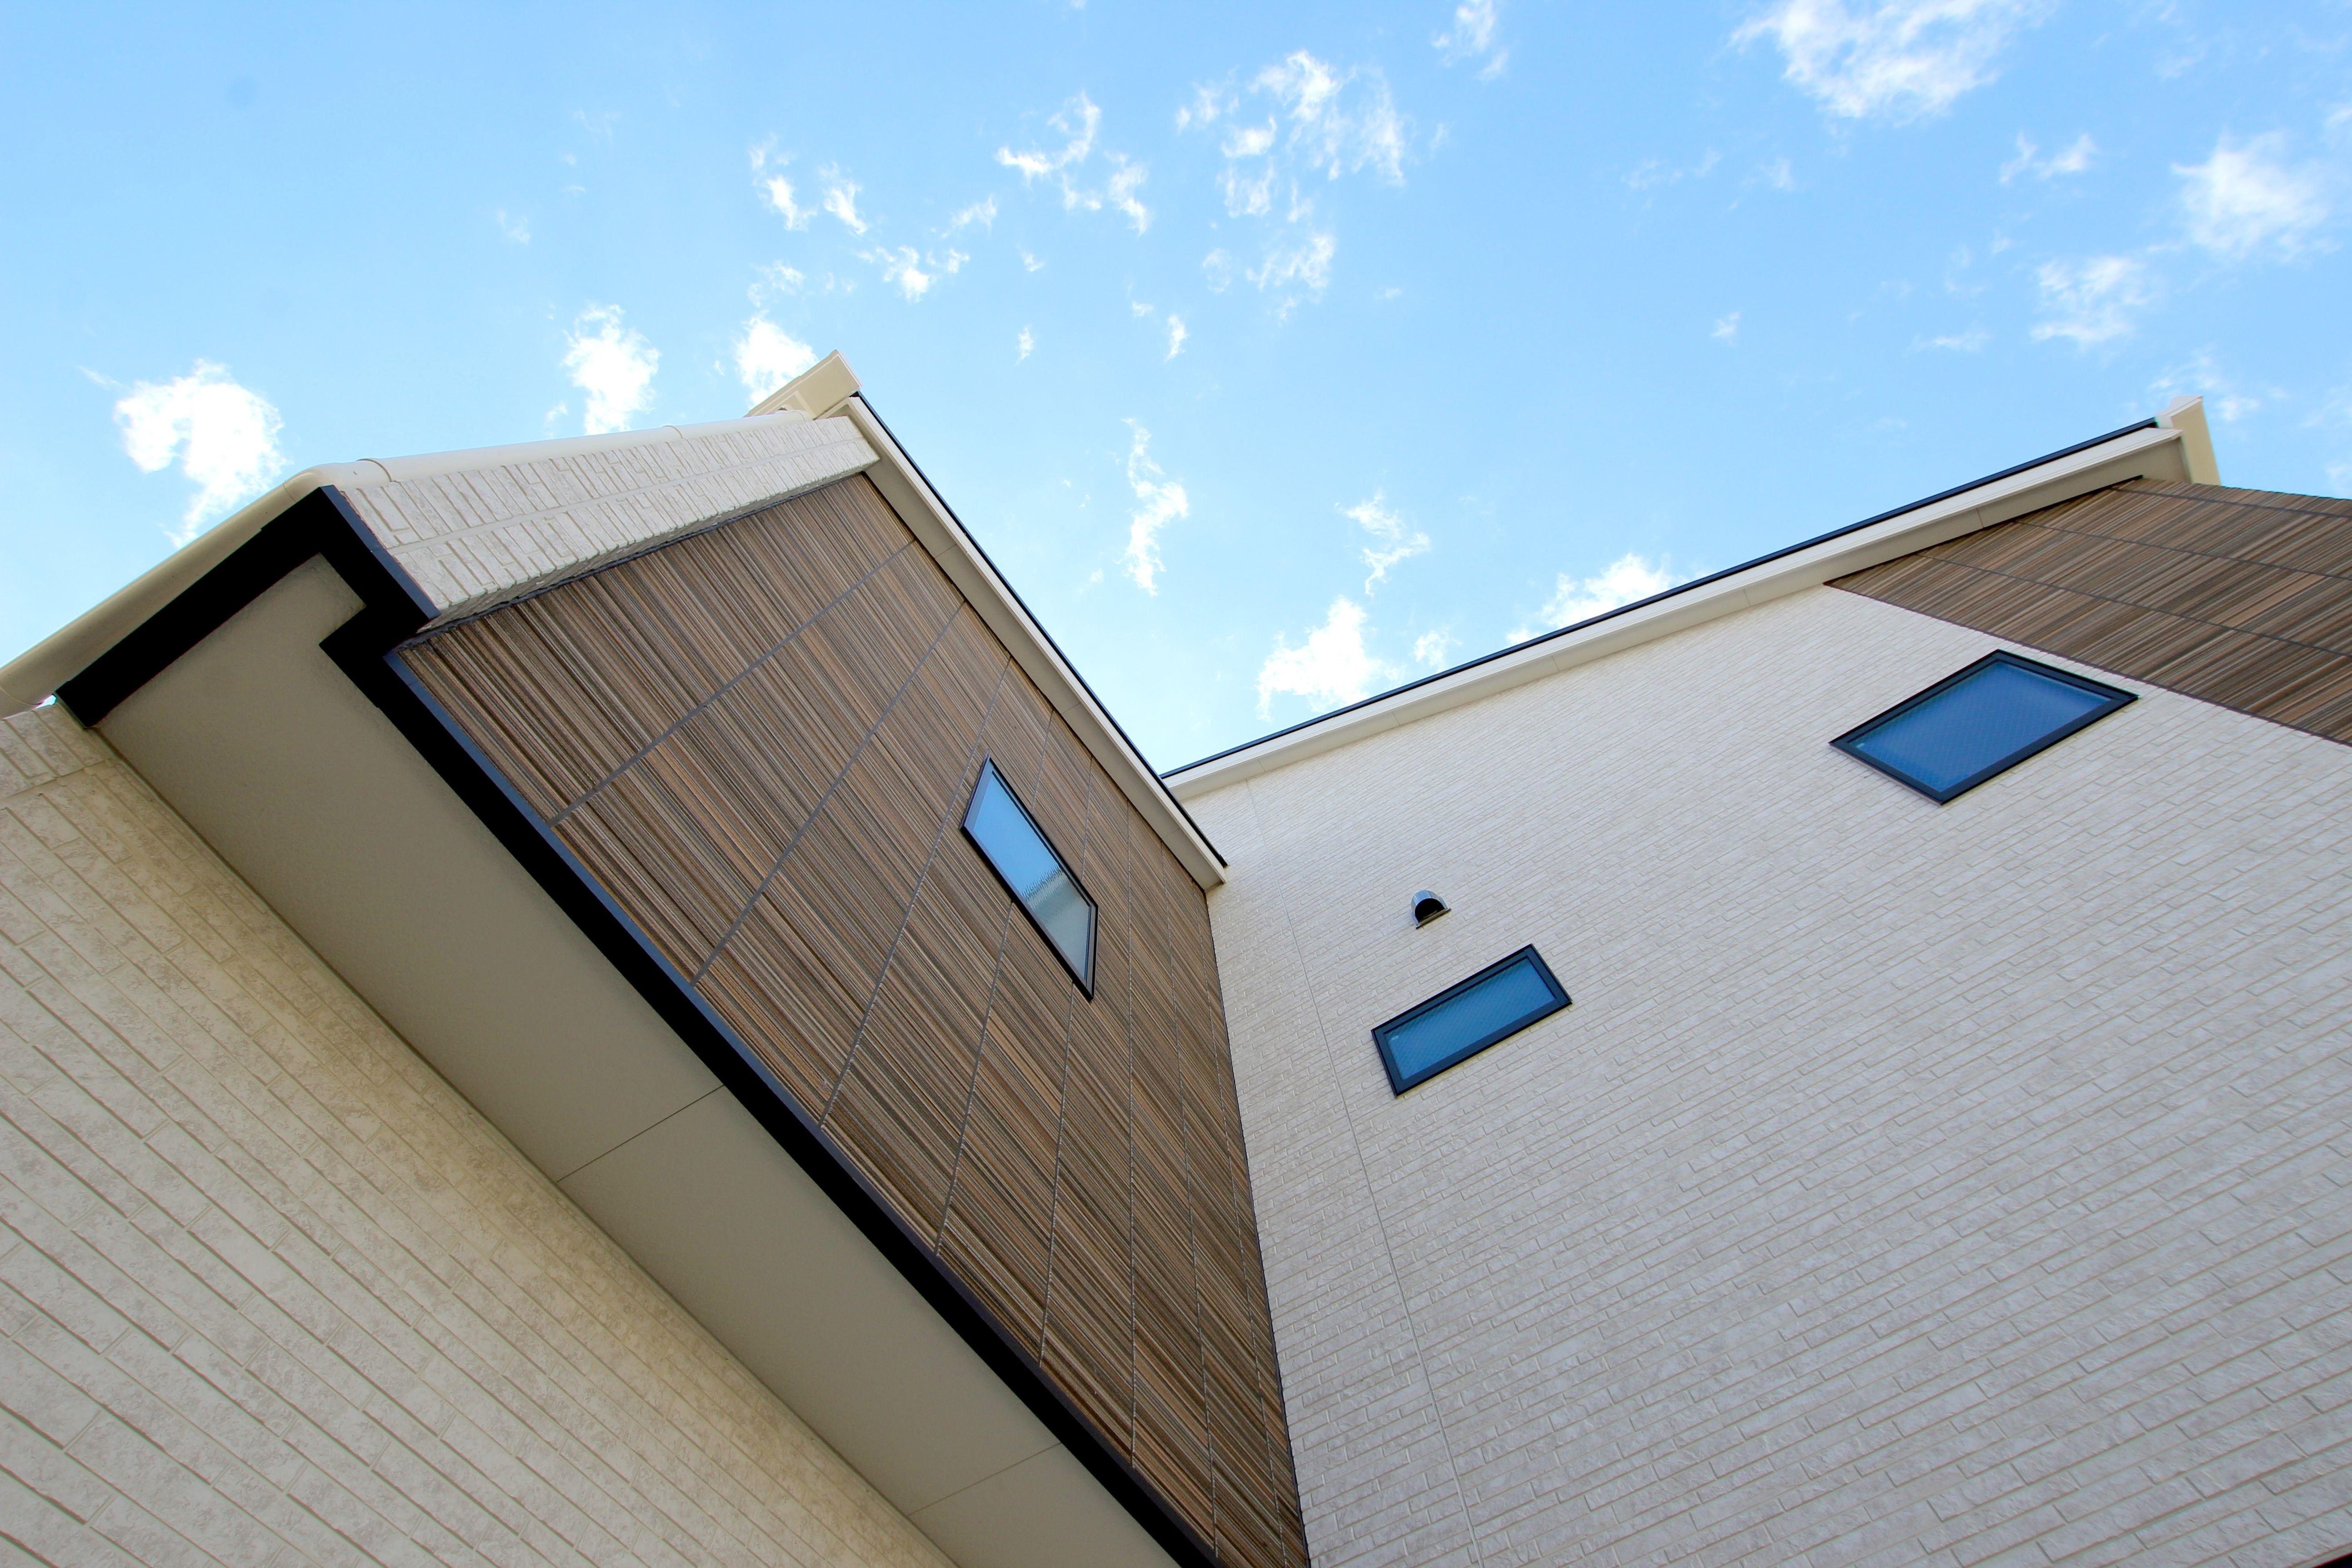 茶系のカラーで落ち着いた外観の家 外観 外壁 サイディング